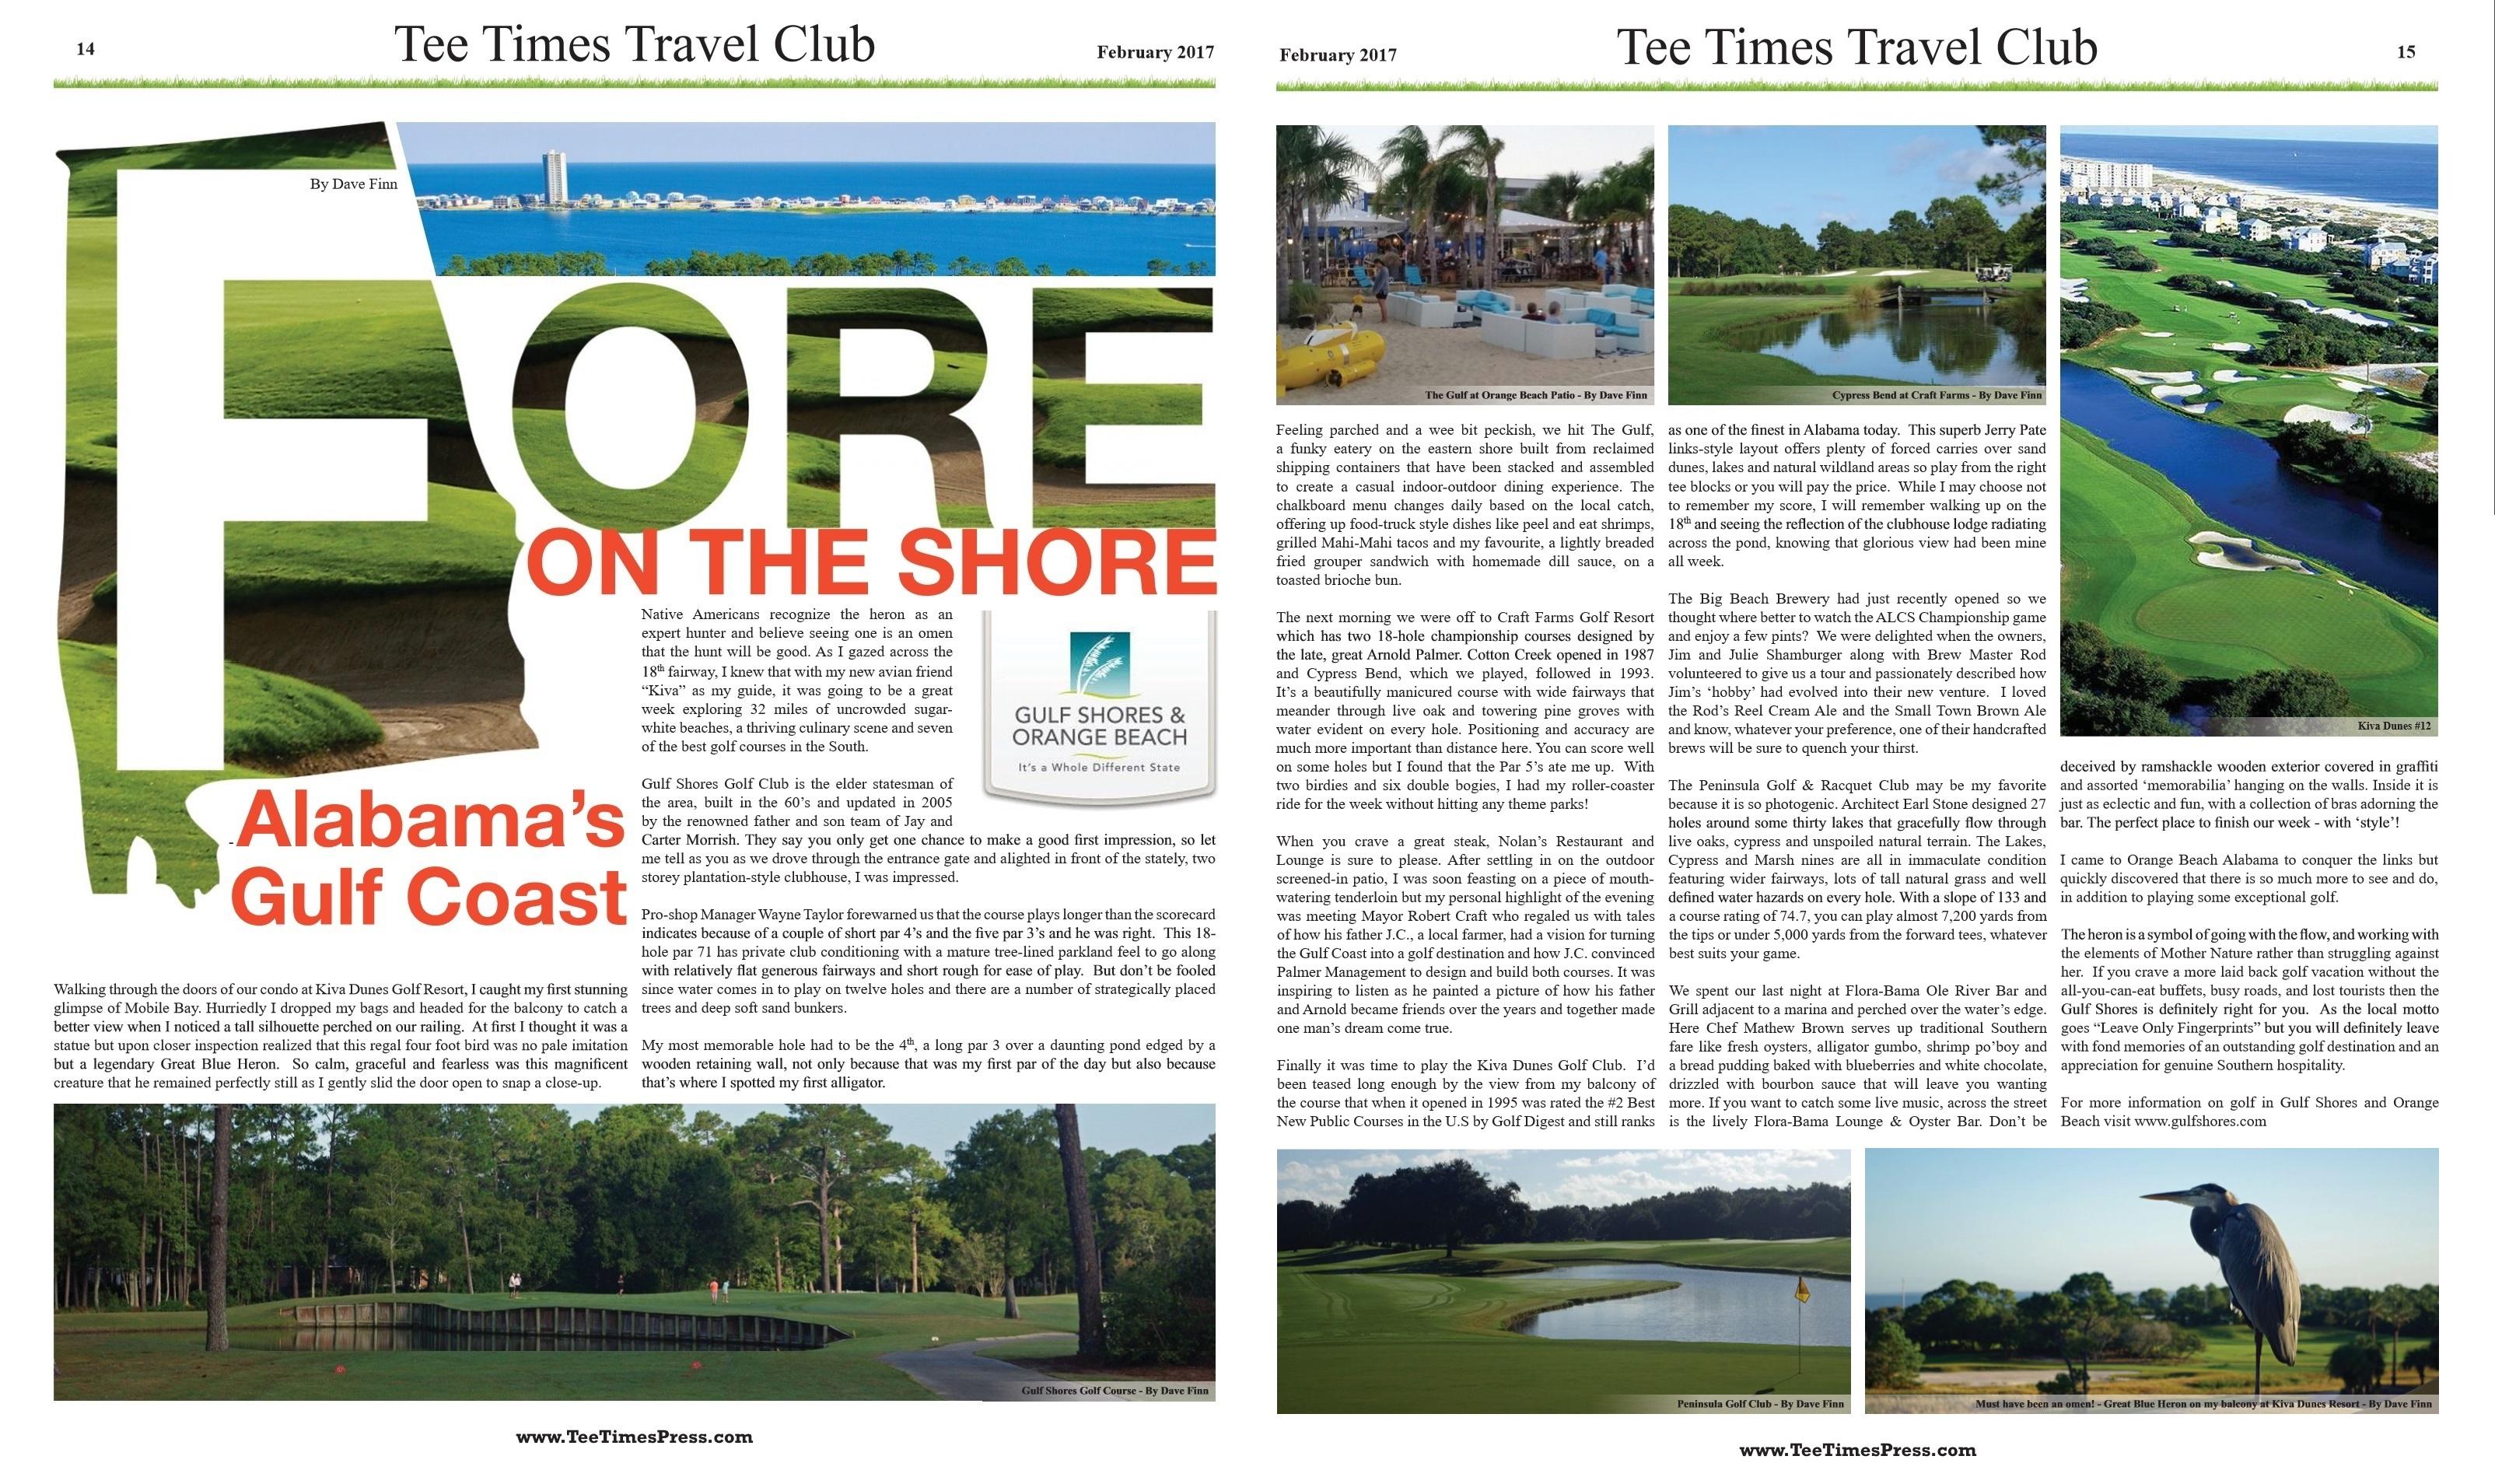 Alabama's Gulf Coast for Tee Times Minnesota February 2017